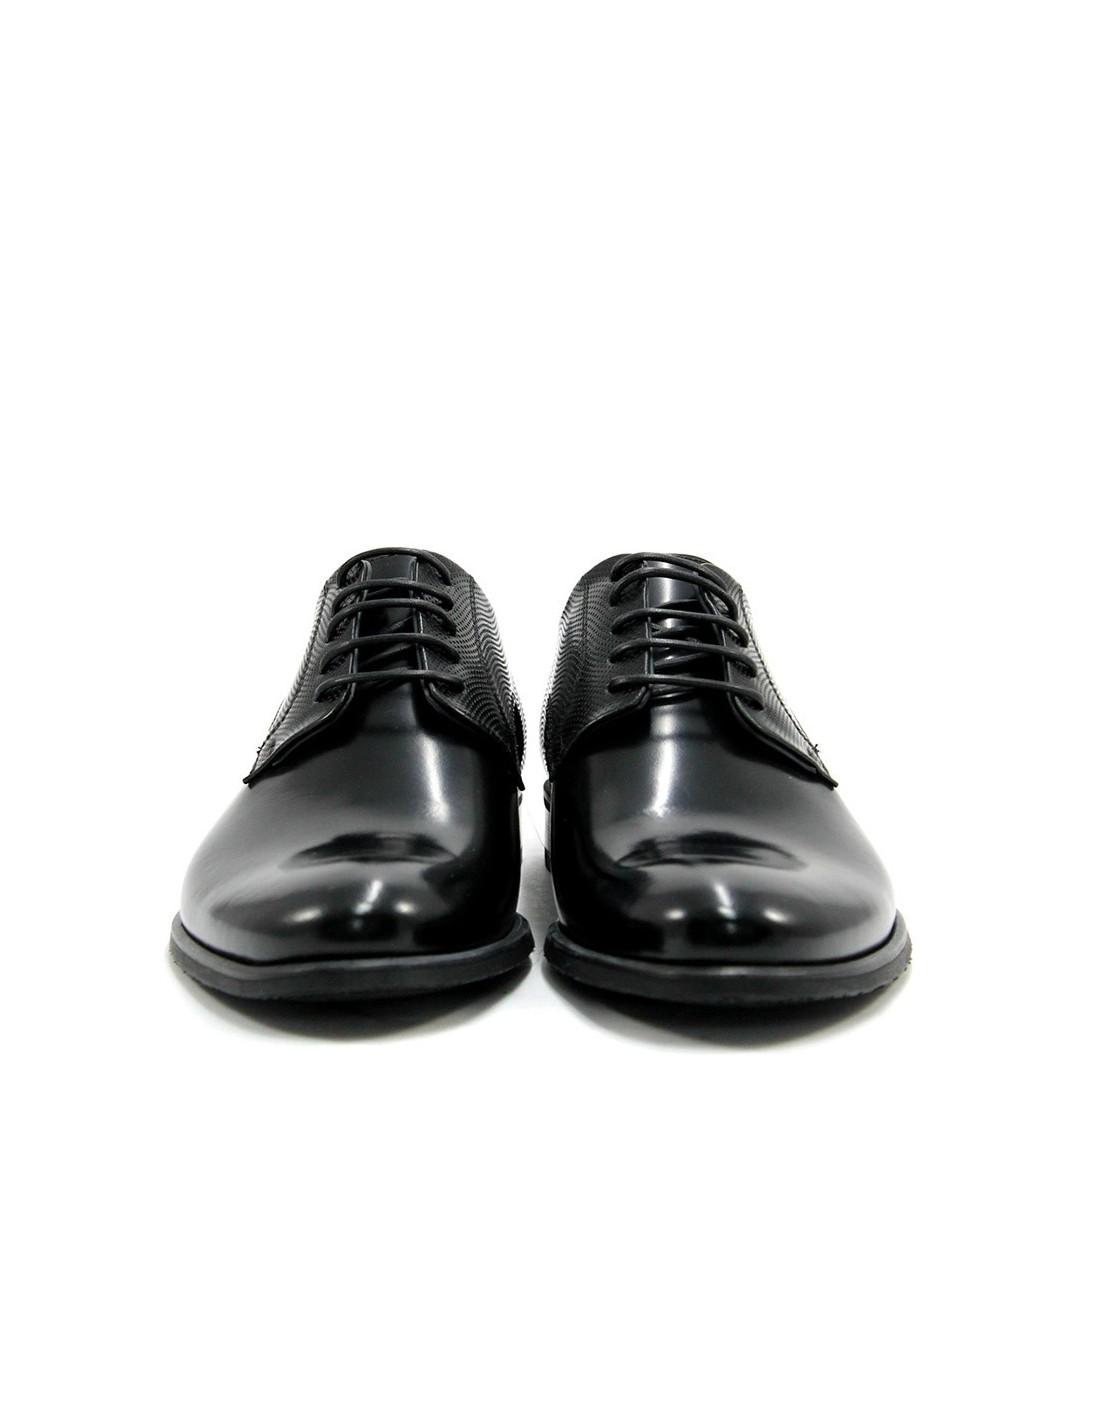 Nuova collezione scarpe Cristiano Gualtieri 2018 sul nostro shop online c2820ddbb13